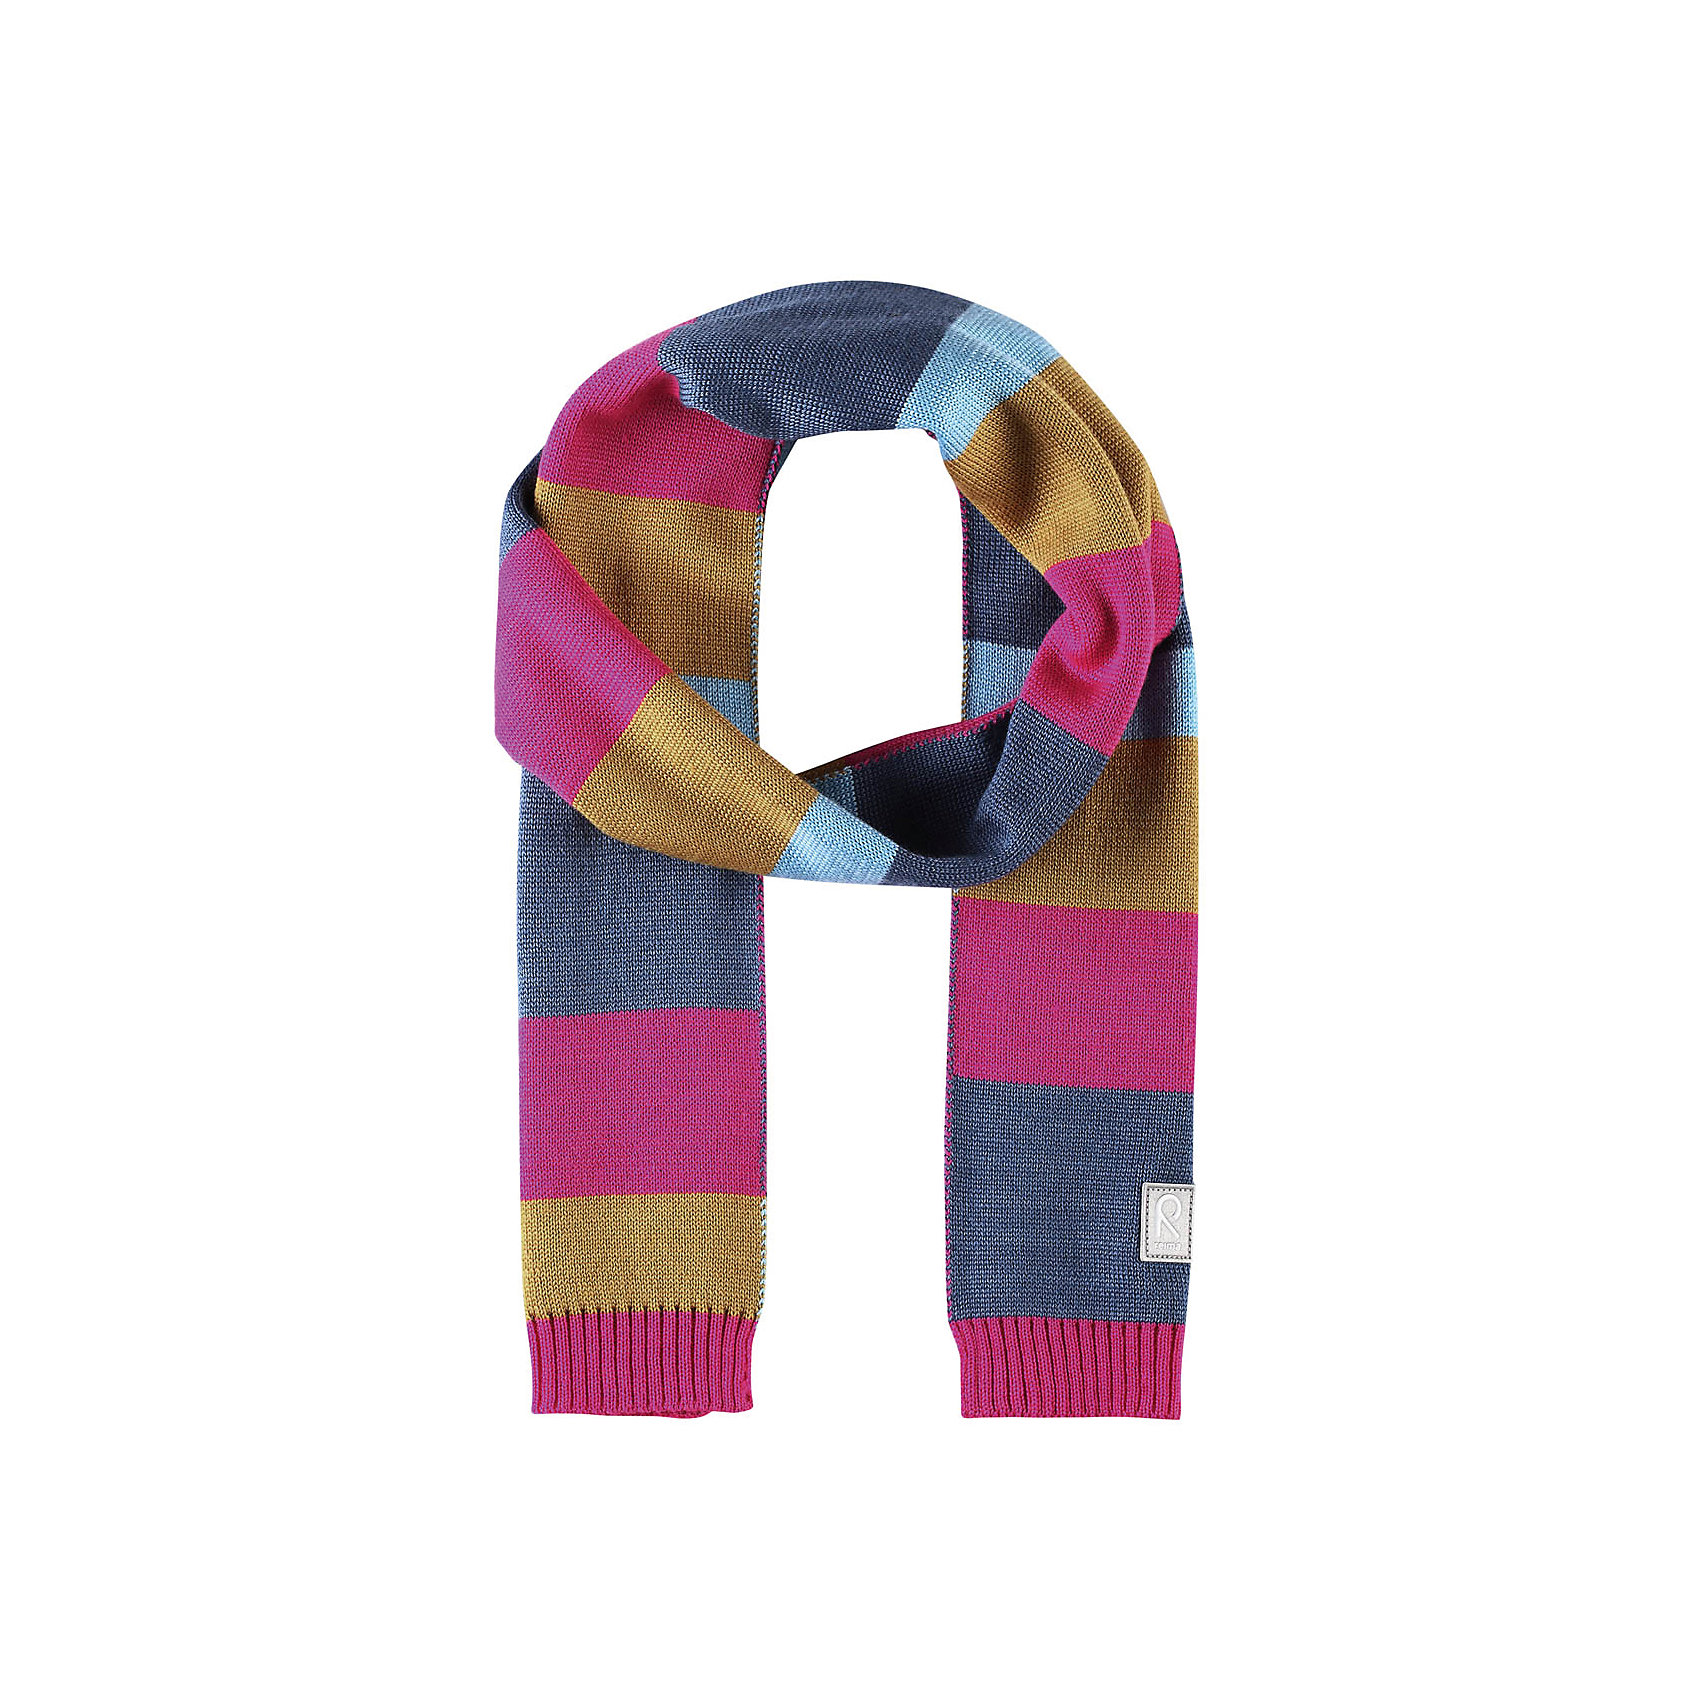 Шарф Nyland ReimaШарфы, платки<br>Детский зимний шарф изготовлен из мягкого и теплого шерстяного трикотажа. Эластичный и дышащий материал обеспечивает хорошую терморегуляцию. Снабжен светоотражающей эмблемой Reima.<br>Состав:<br>50% Шерсть, 50% Полиакрил<br><br>Ширина мм: 88<br>Глубина мм: 155<br>Высота мм: 26<br>Вес г: 106<br>Цвет: розовый<br>Возраст от месяцев: 48<br>Возраст до месяцев: 168<br>Пол: Унисекс<br>Возраст: Детский<br>Размер: one size<br>SKU: 6902547